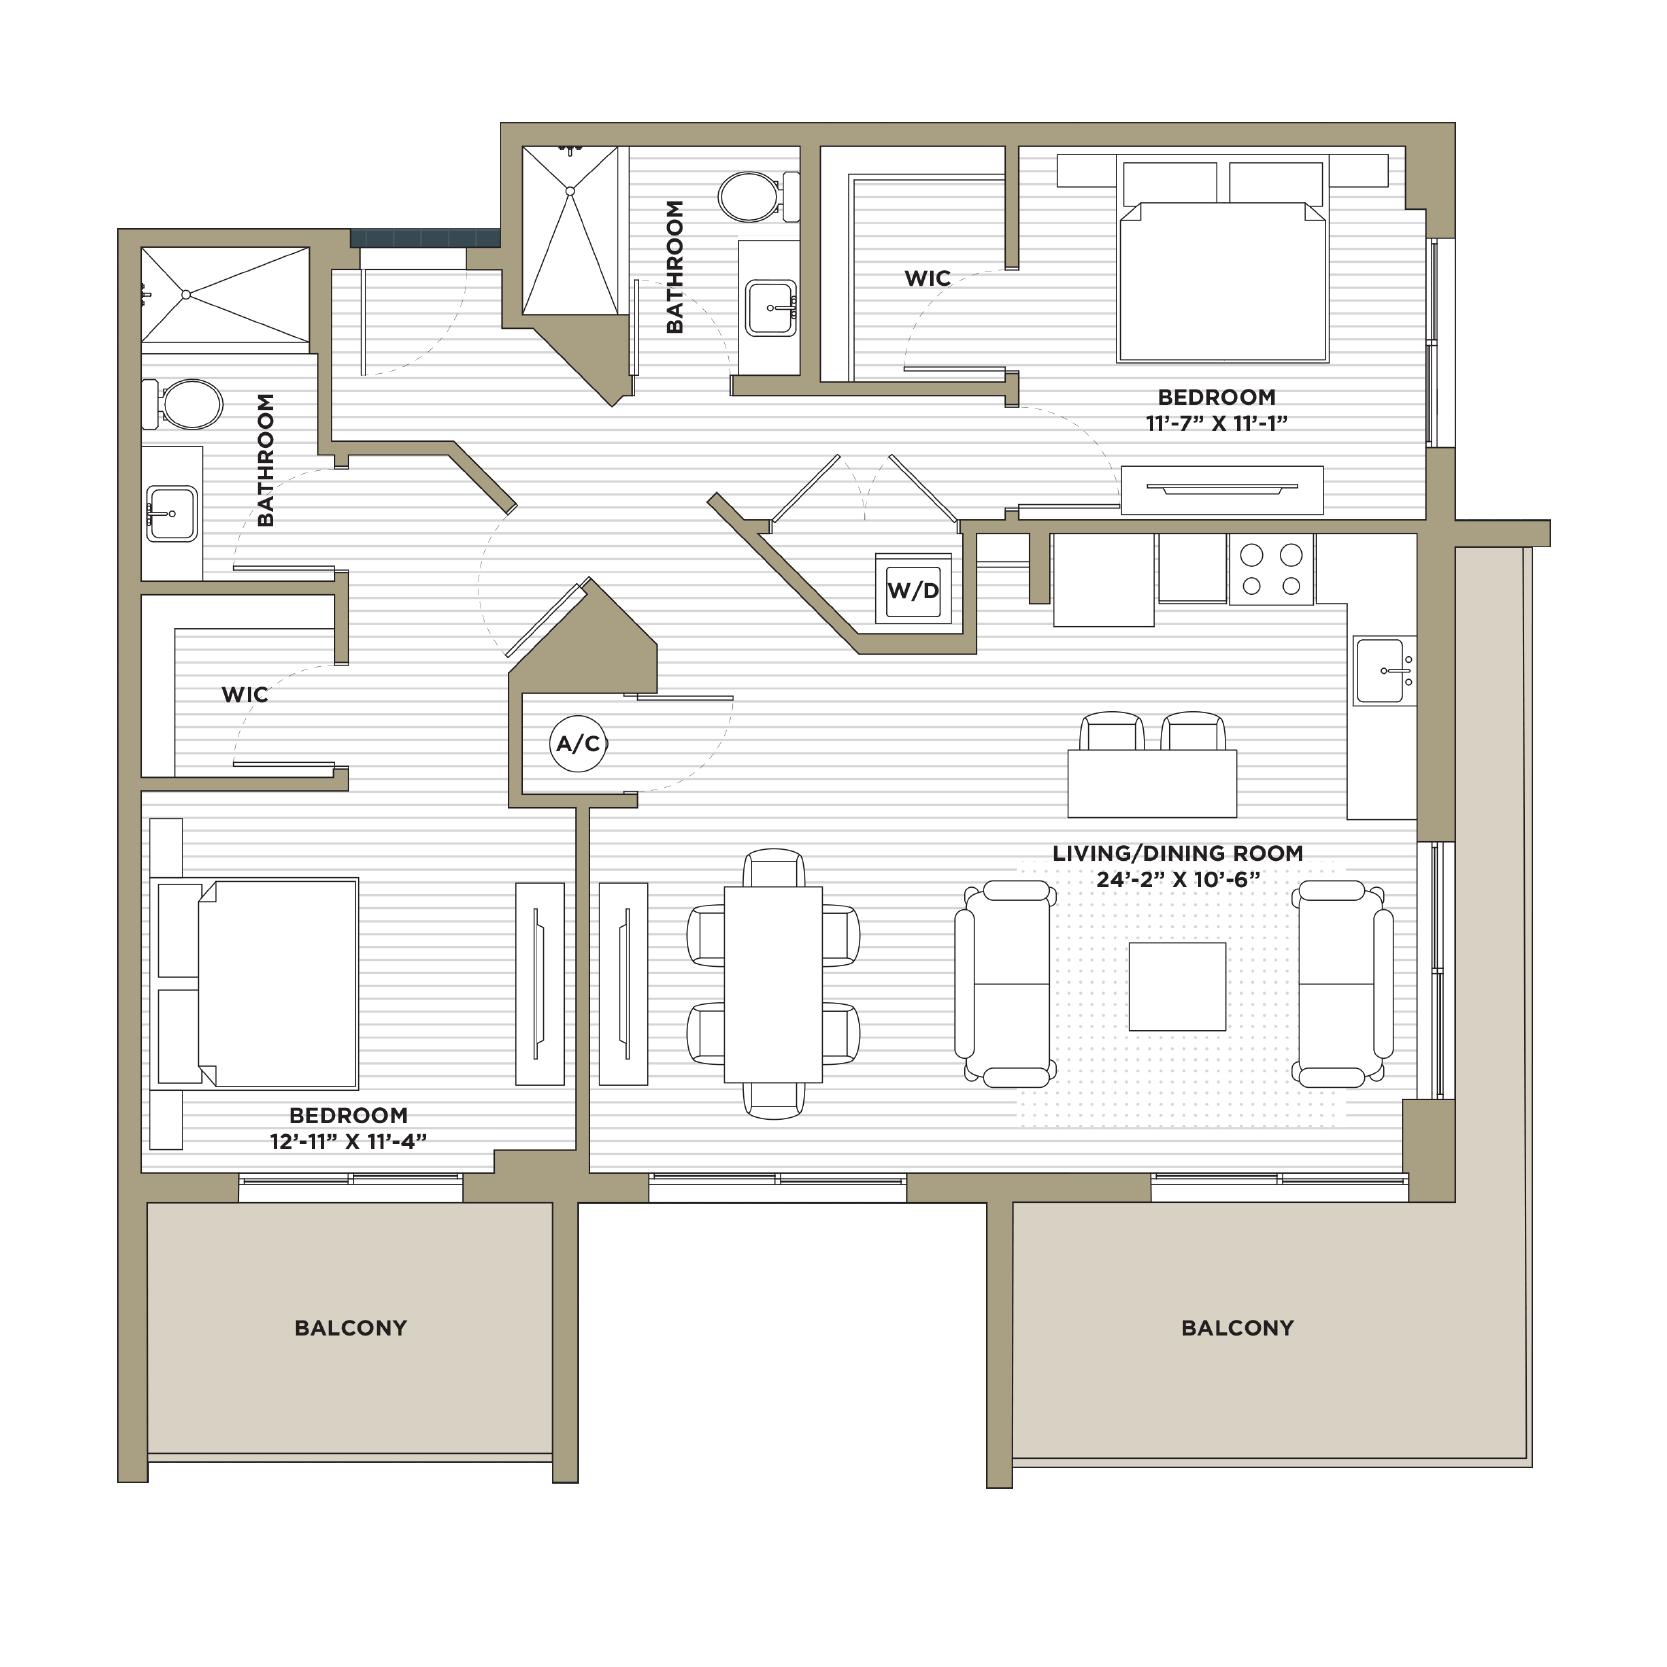 B6 - 2 Bedroom / 2 Bathroom1,216 sq. ft.